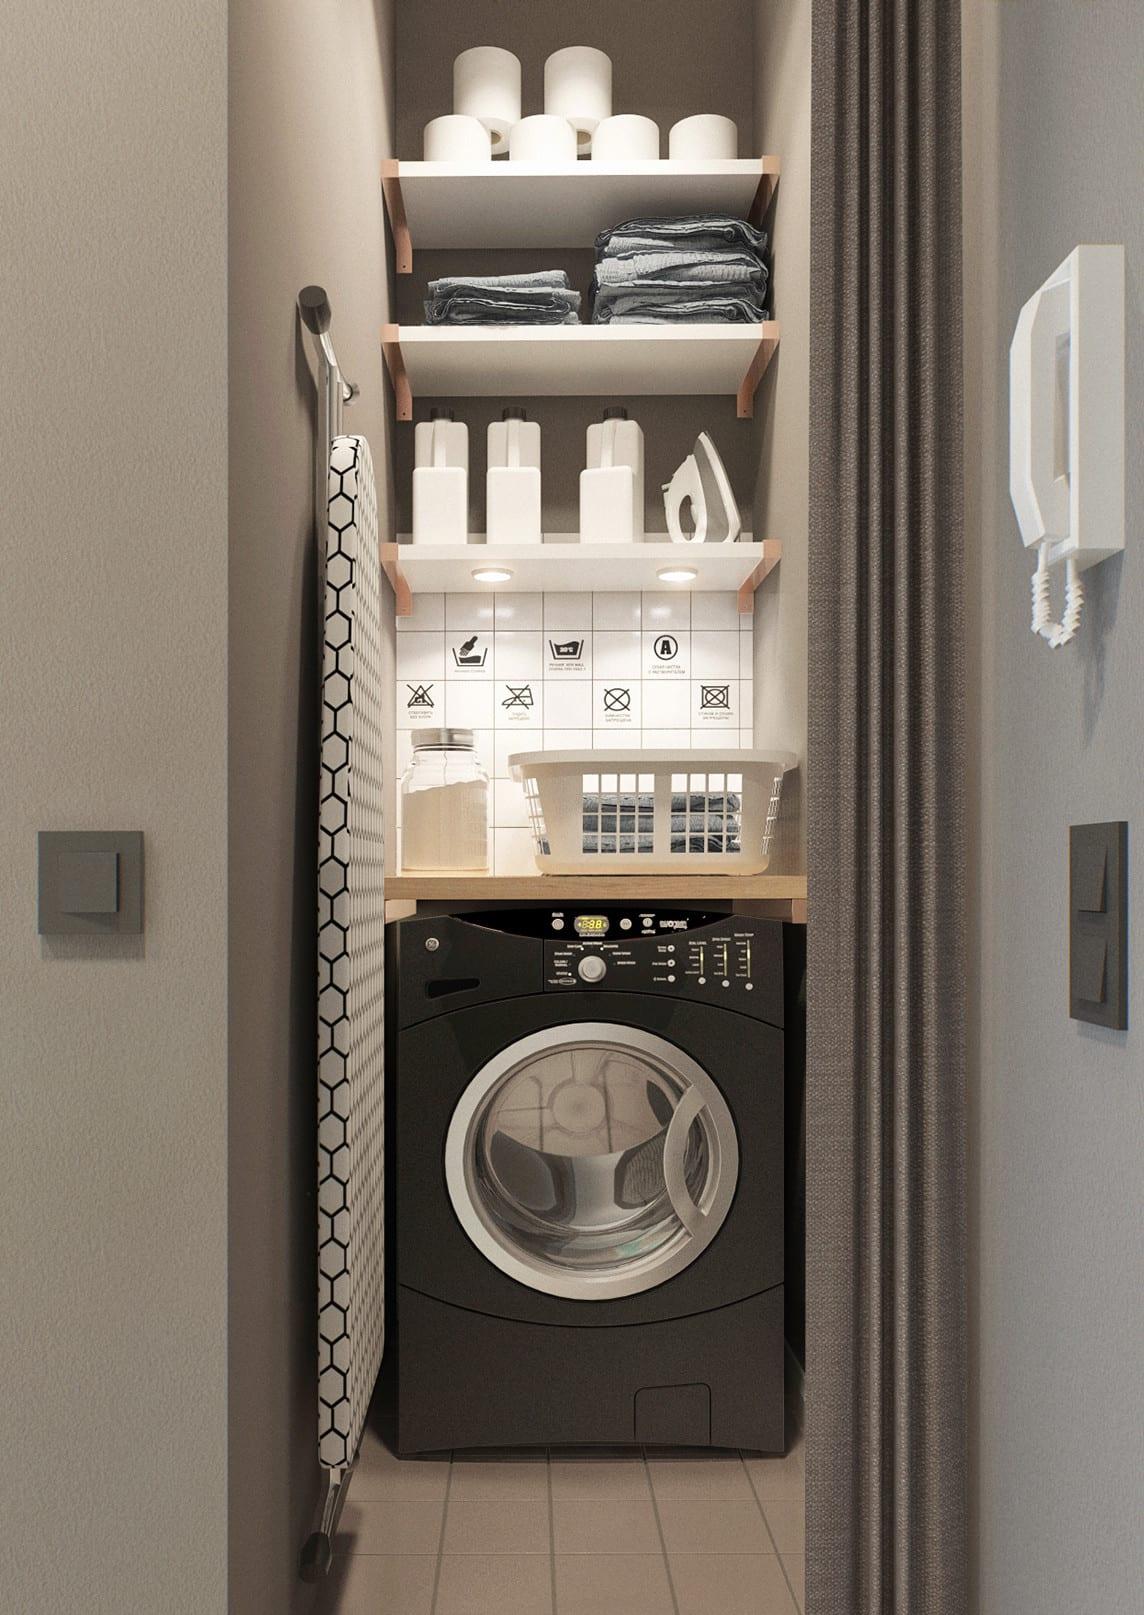 farbgestaltung flur mit wandfarbe grau und platzsparende idee für kleinen waschraum mit gardiene und weißen wandregalen über waschmaschine schwarz